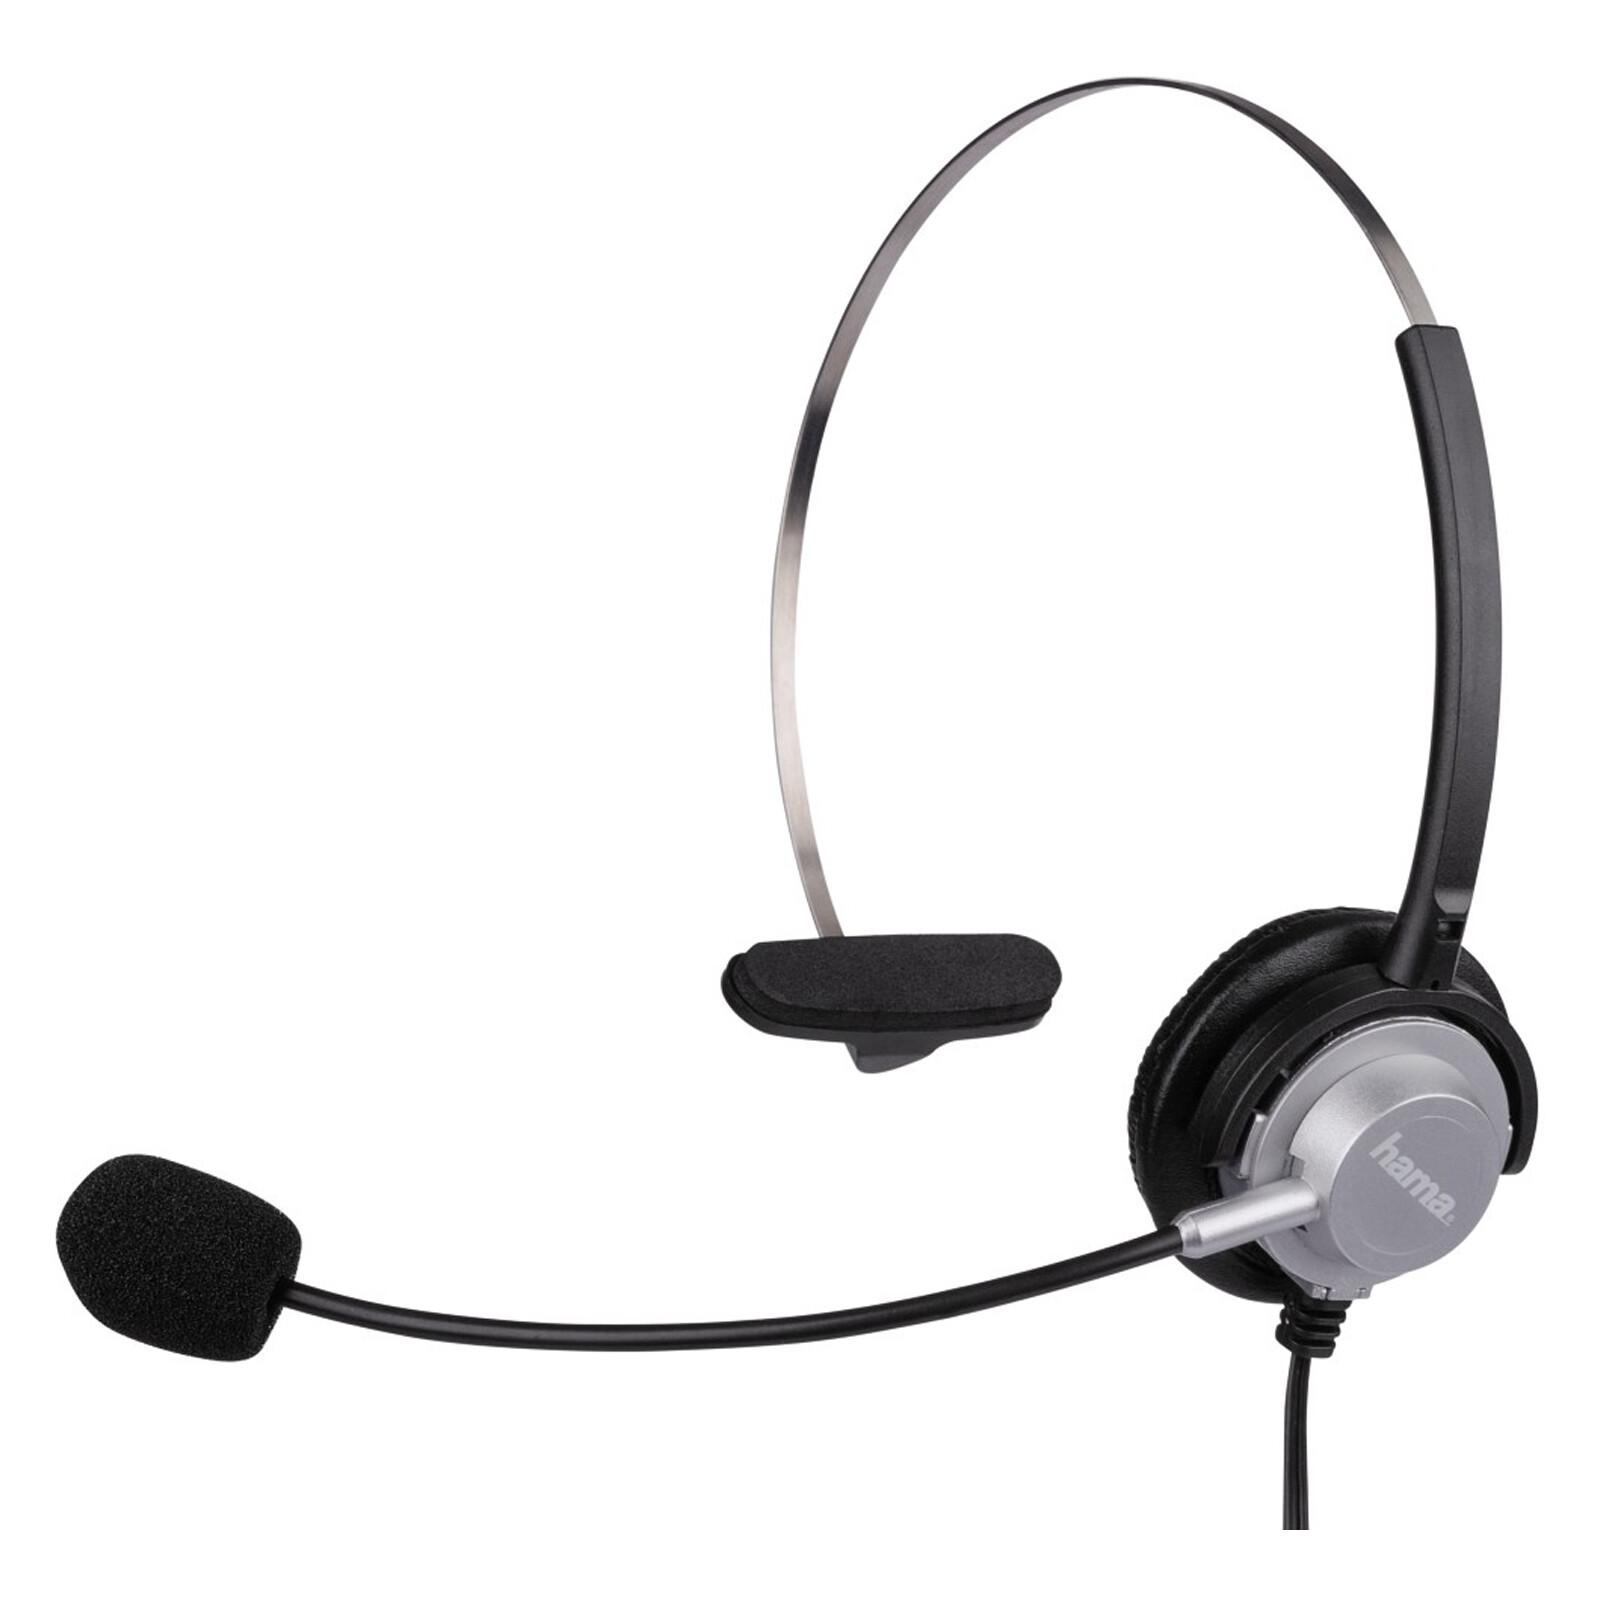 Hama 40625 Headset für schnurlose Telefone, 2,5-mm-Klinke